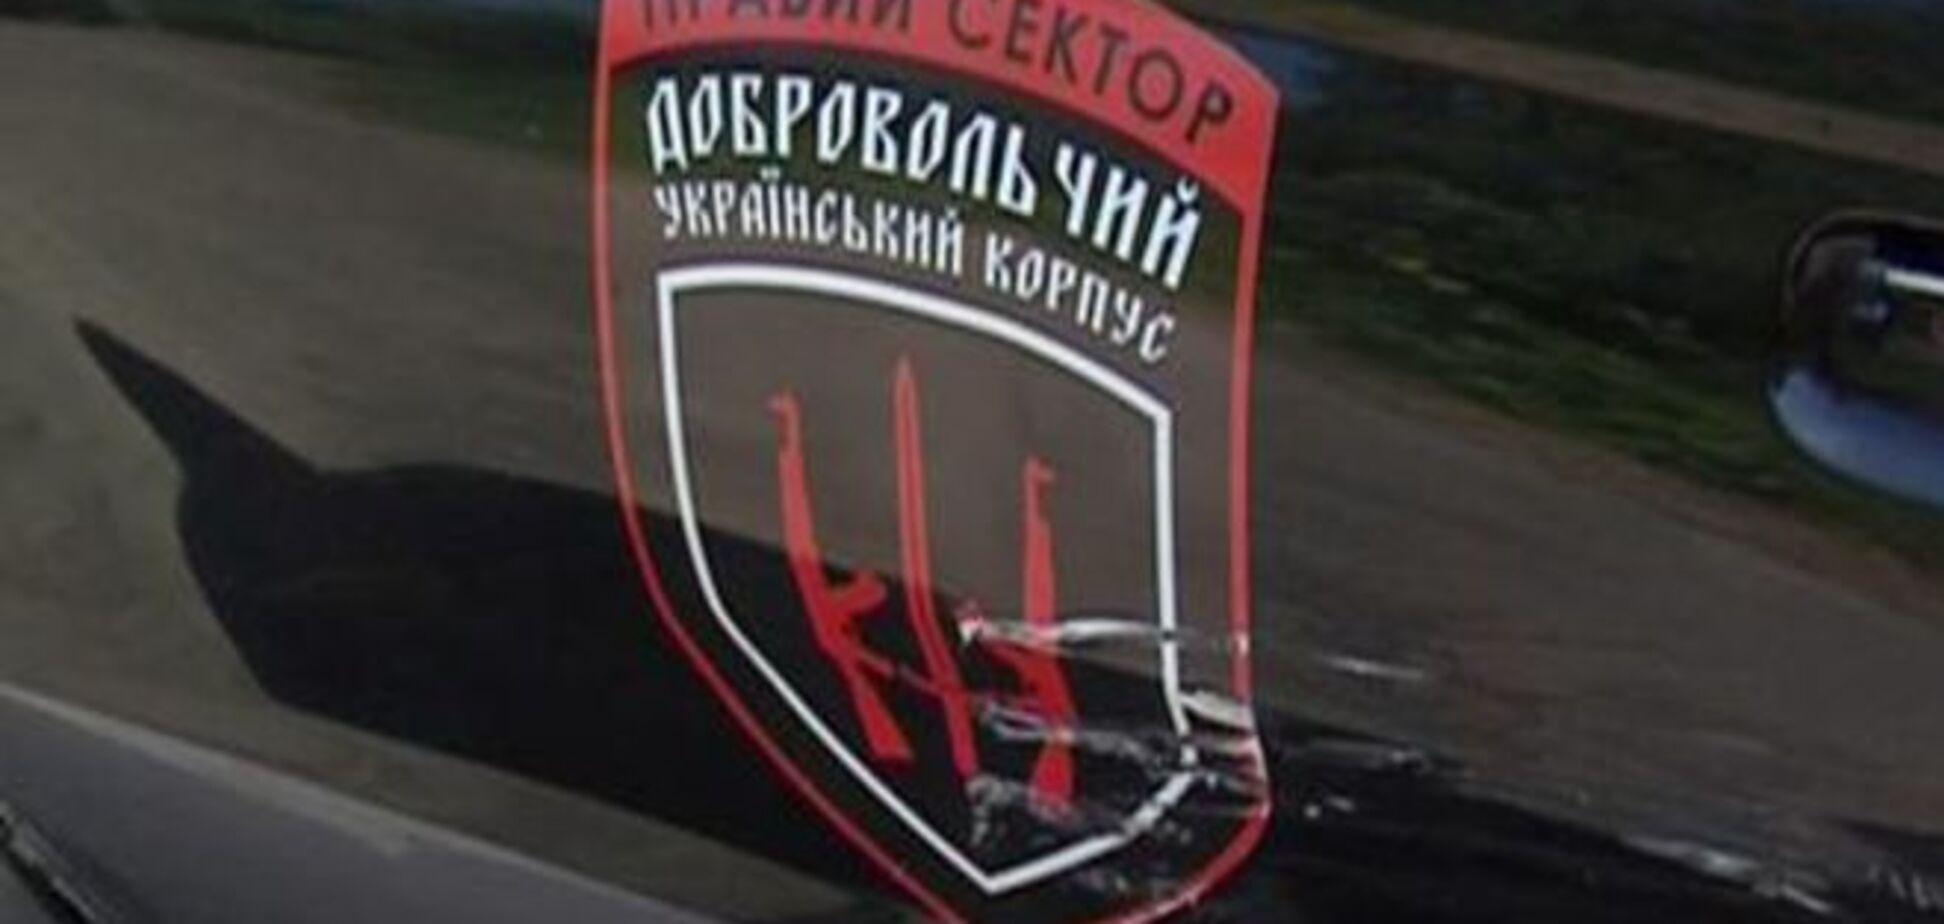 Події у Мукачевому - загроза перетворення України на варіант 'ДНР'